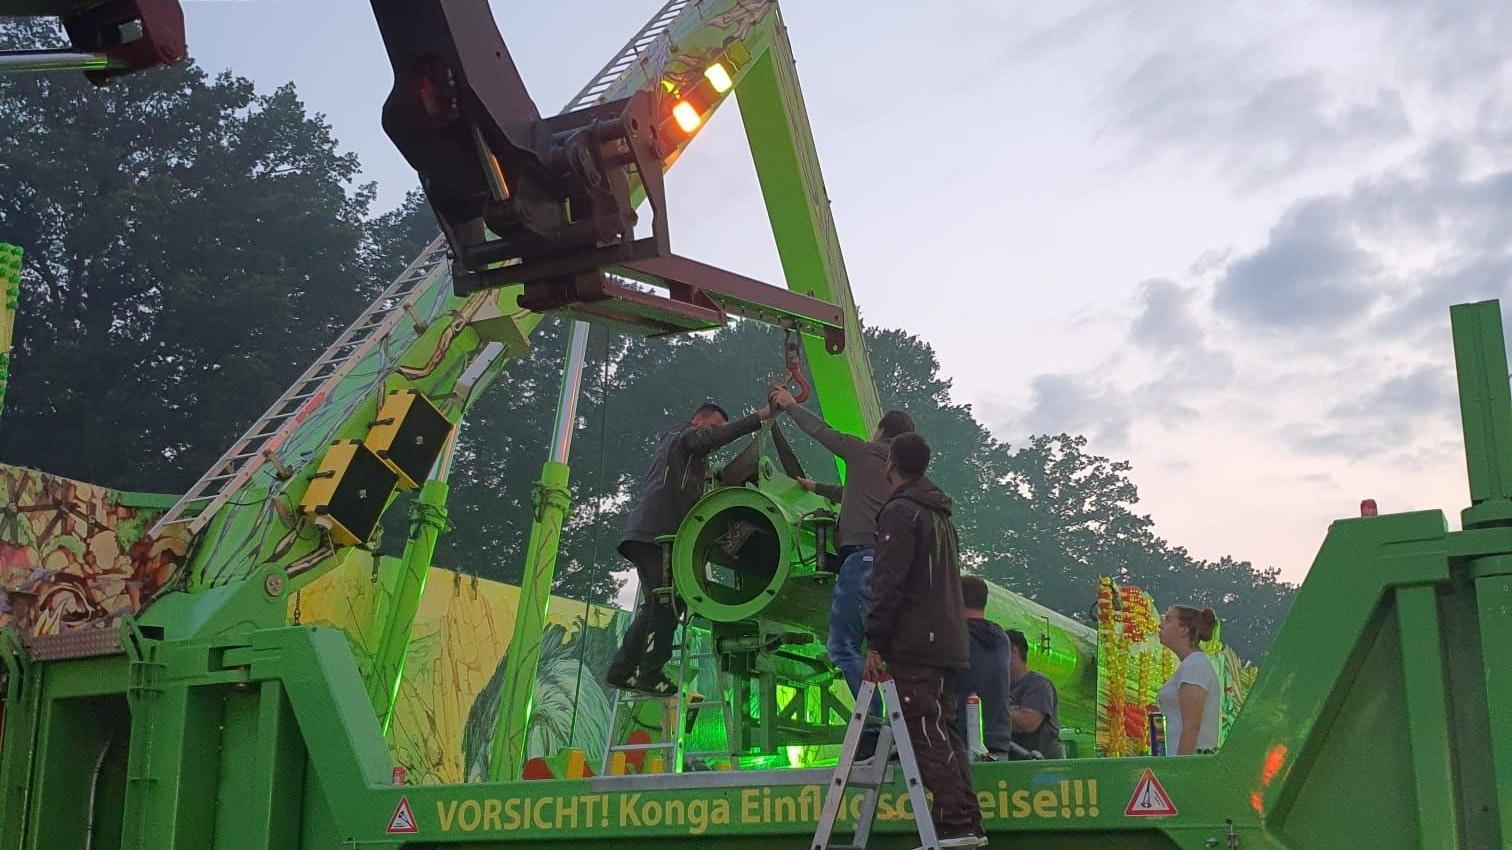 """Die Schausteller bauen ein Teil des Fahrgeschäfts """"Konga"""" ab, um eine Kugel-Drehverbindung einzusetzen. Ab Samstagmittag soll es wieder rund gehen. Foto: Johann Meyer"""